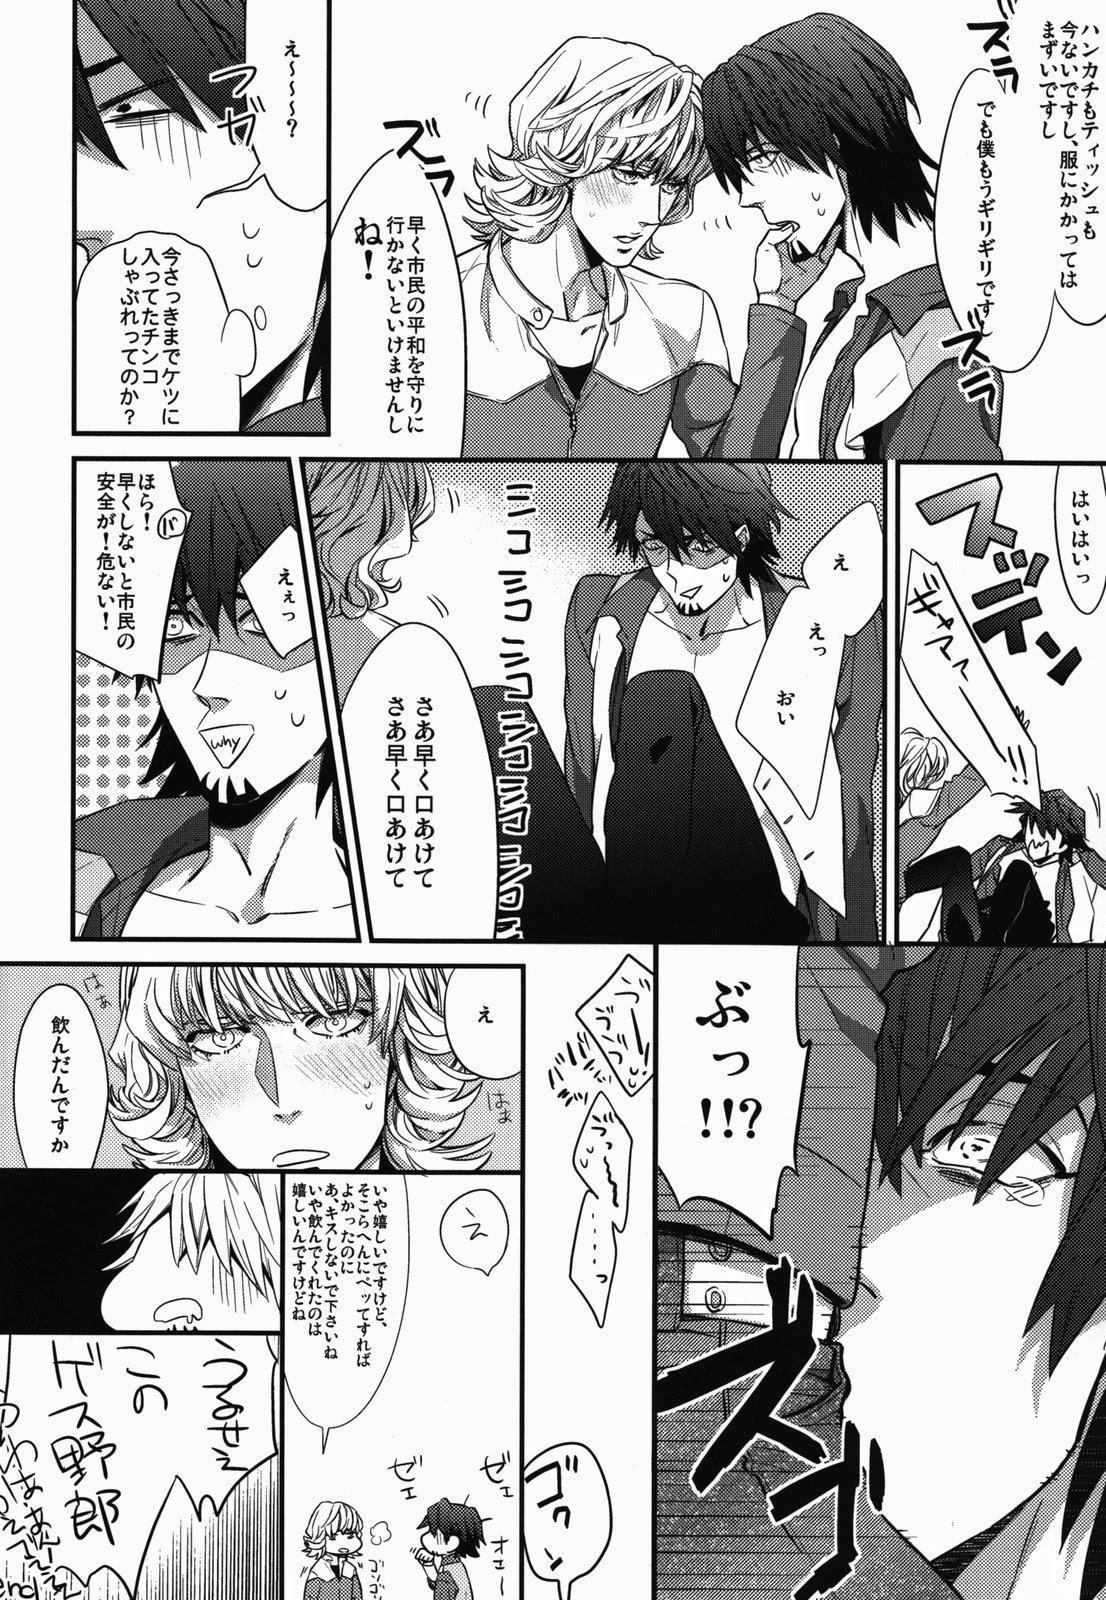 Hamidashi Justice no Koe ga Kikoeru Plus 32